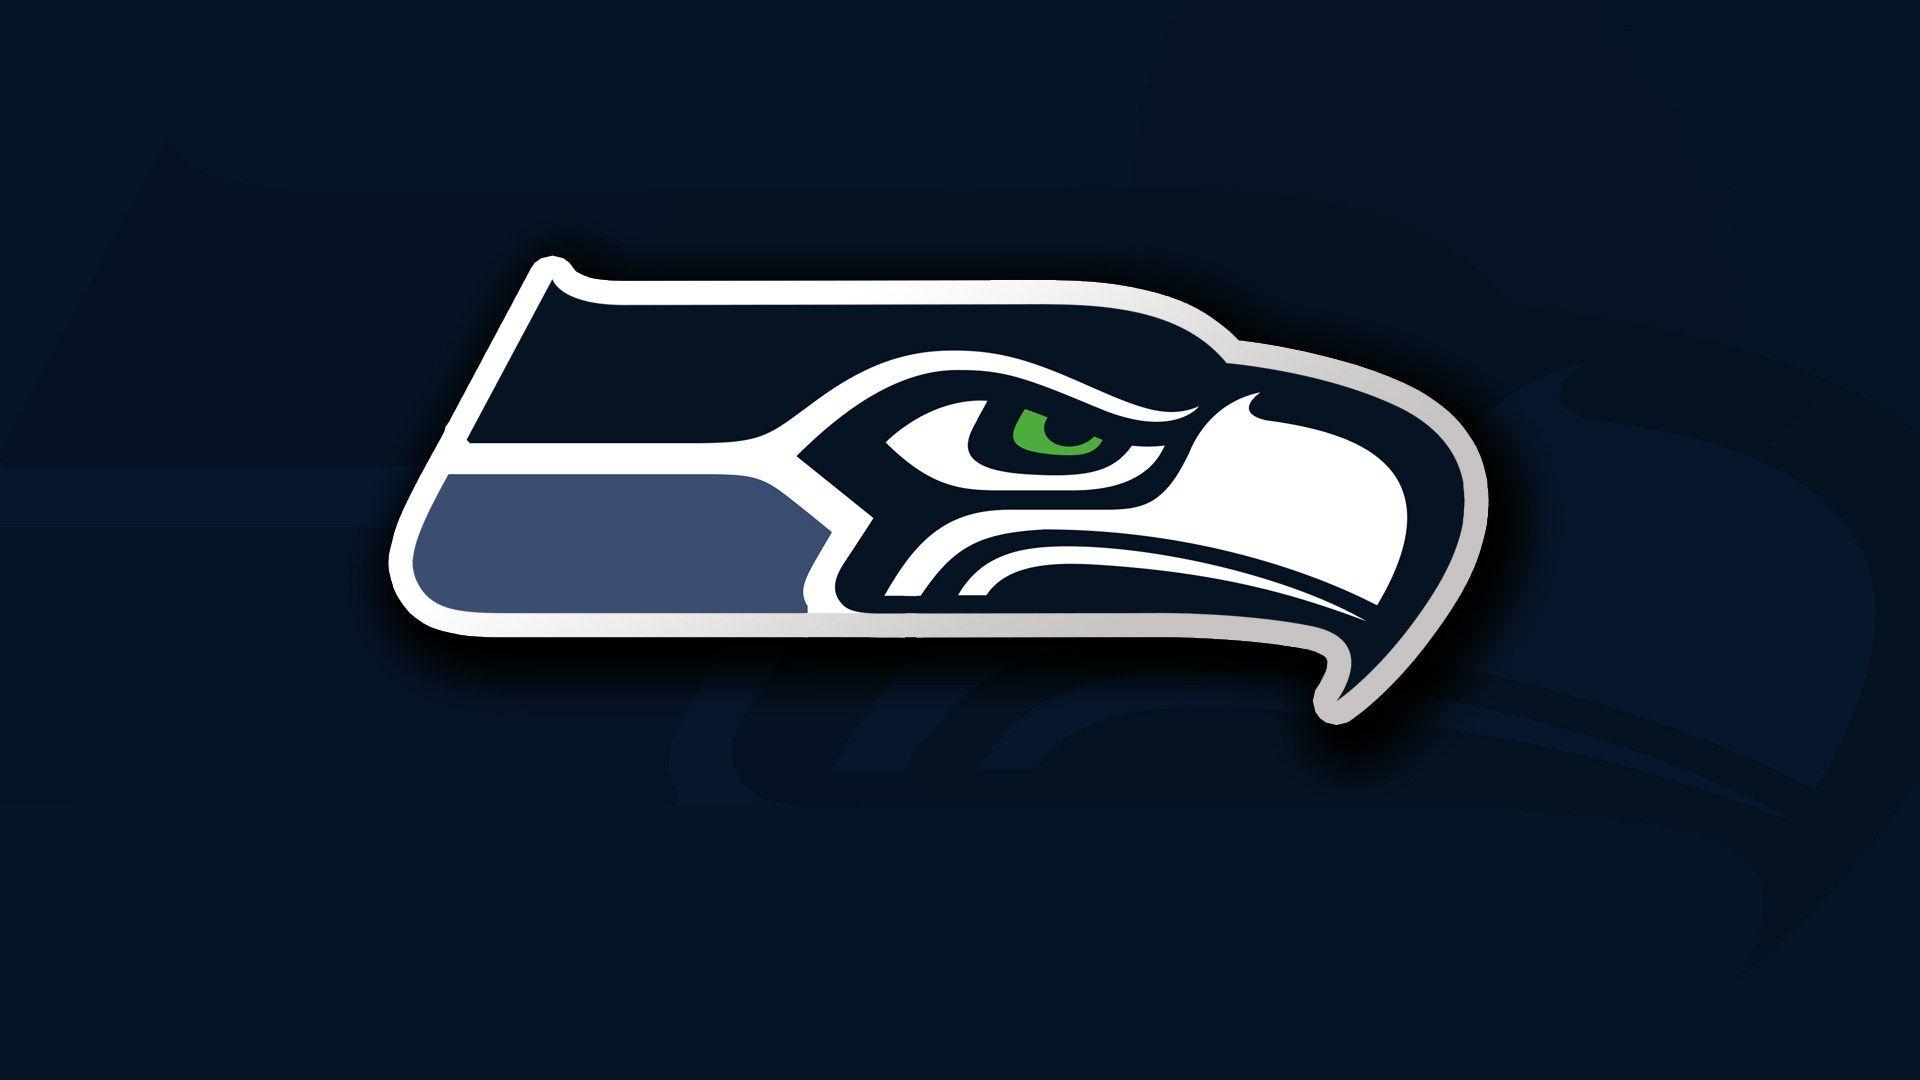 Seattle Seahawks wallpaper photo full hd